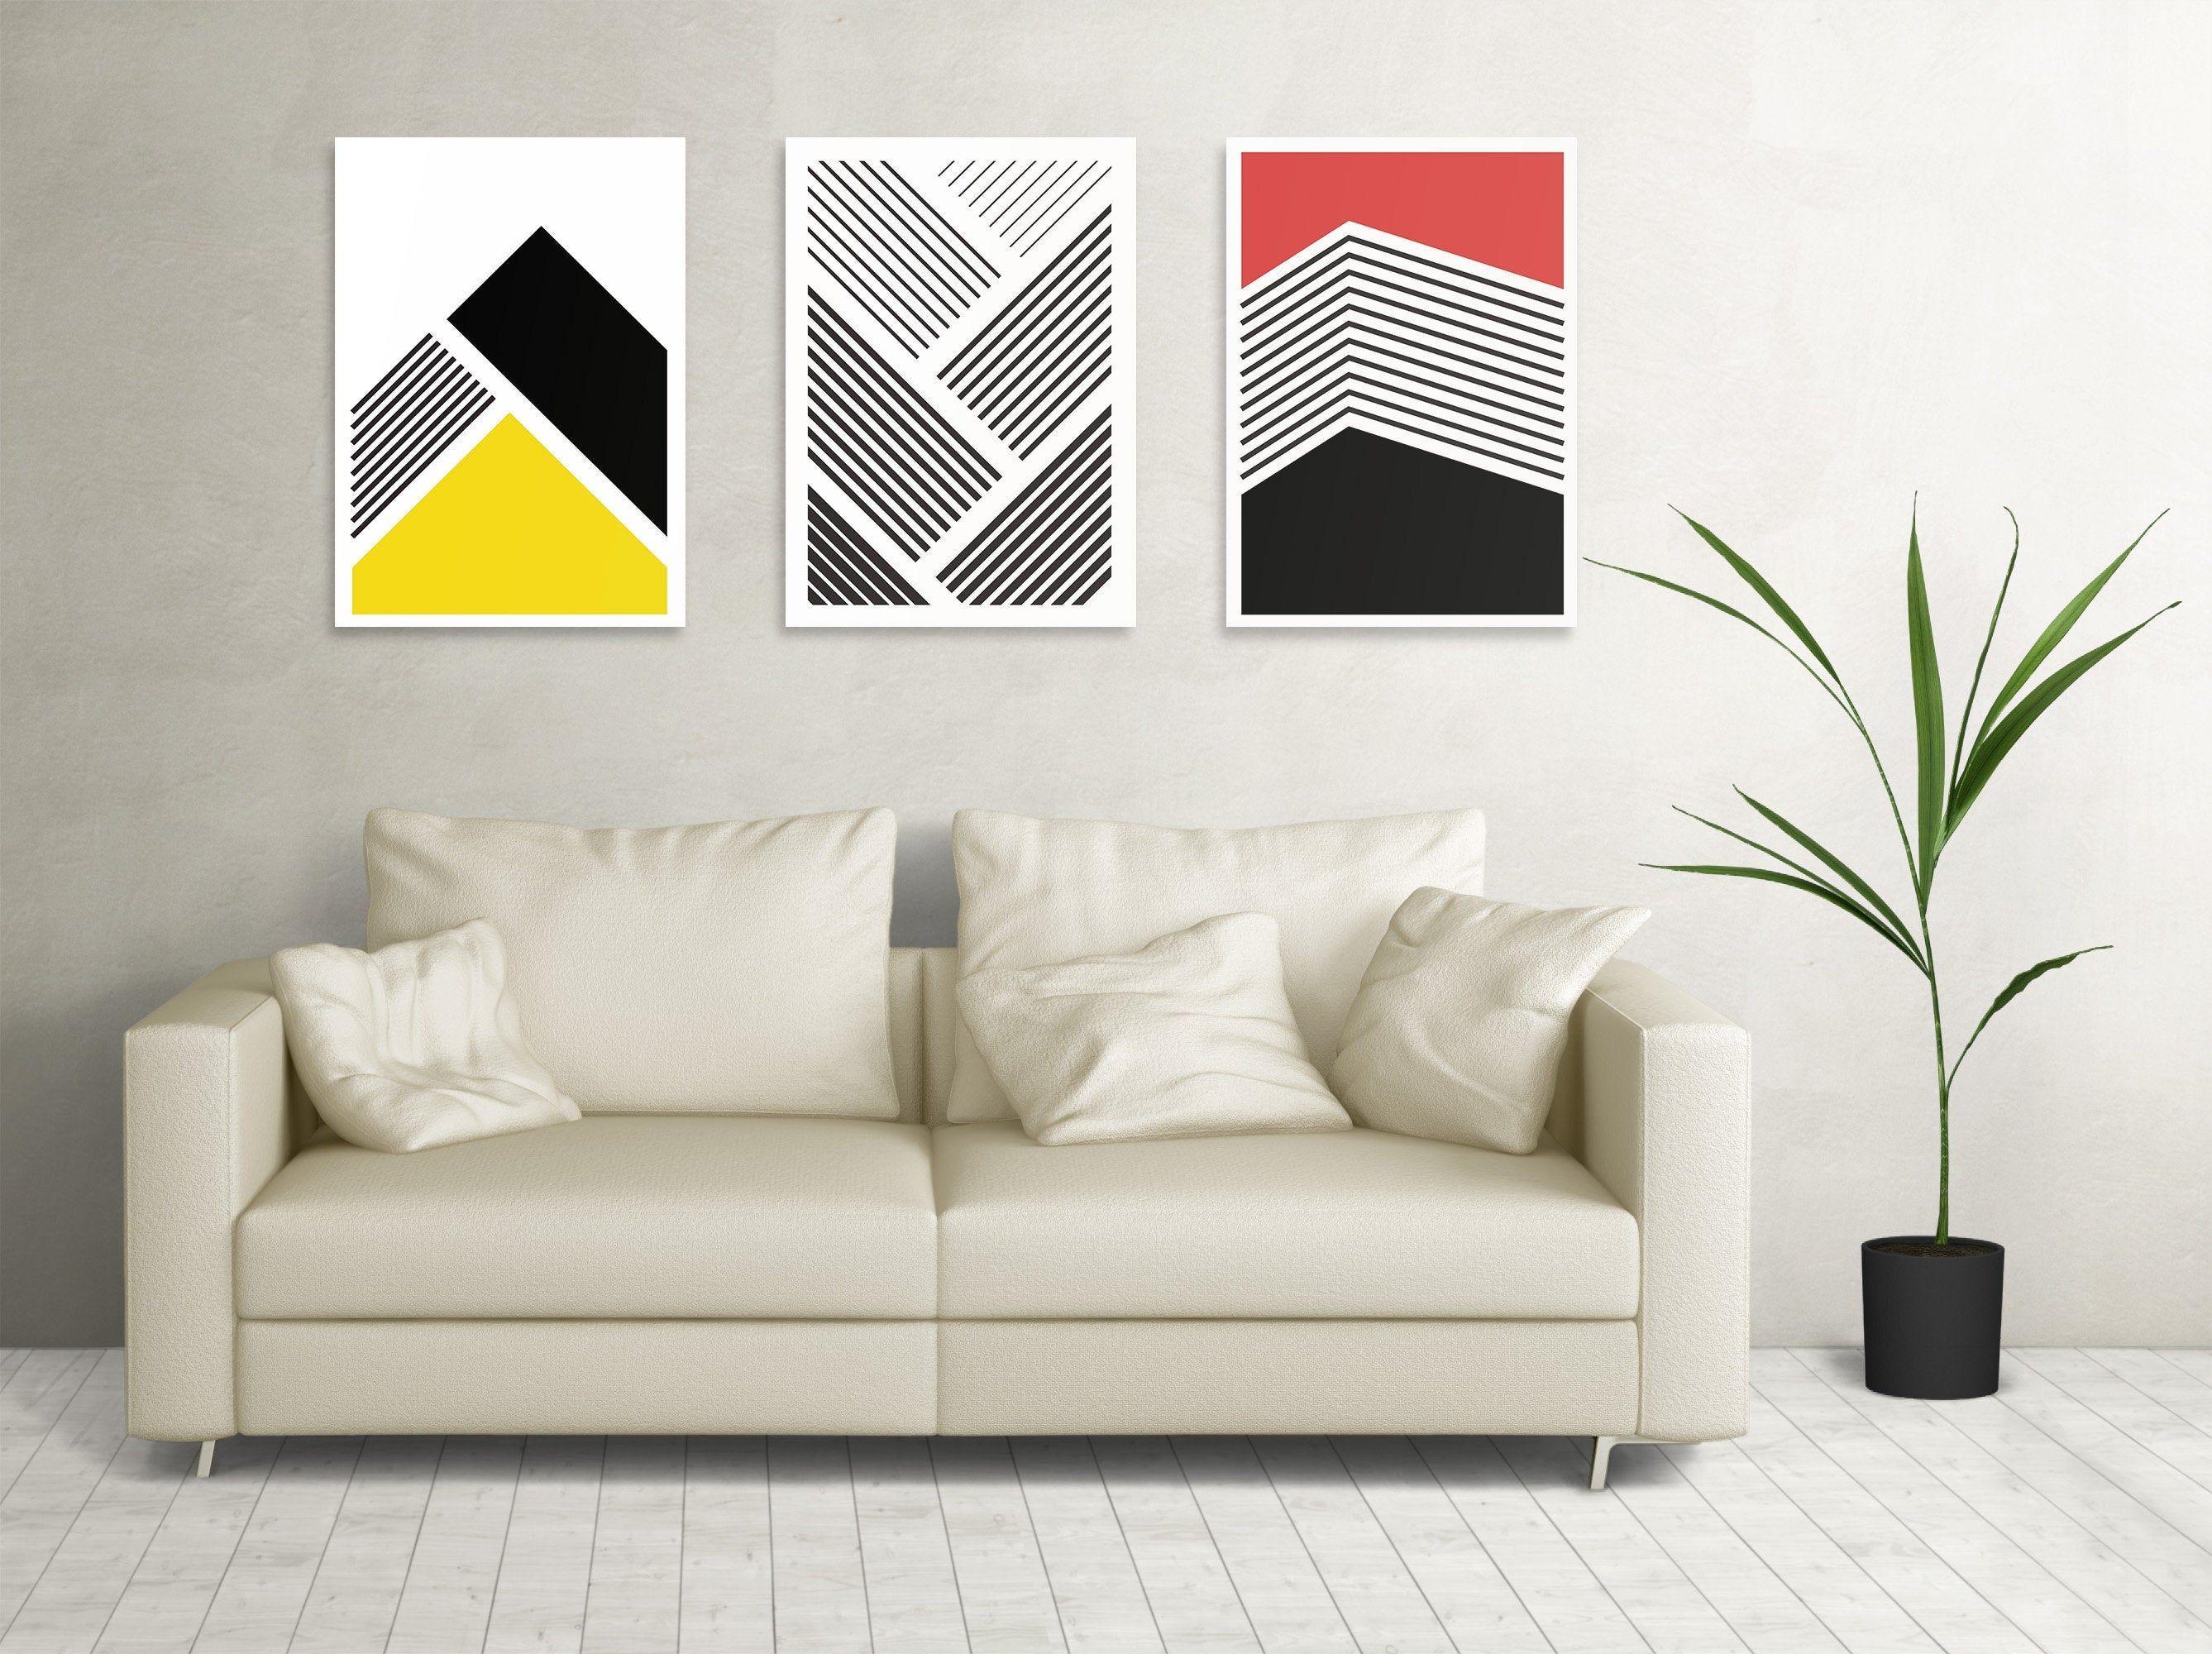 Set 3 Geometrische Lineart Streifen Linienbilder fürs Büro / Studio / Loft / Wohnzimmer - Direkt Digitaler Download druckbar herunterladen von PrintfulPoetry auf Etsy